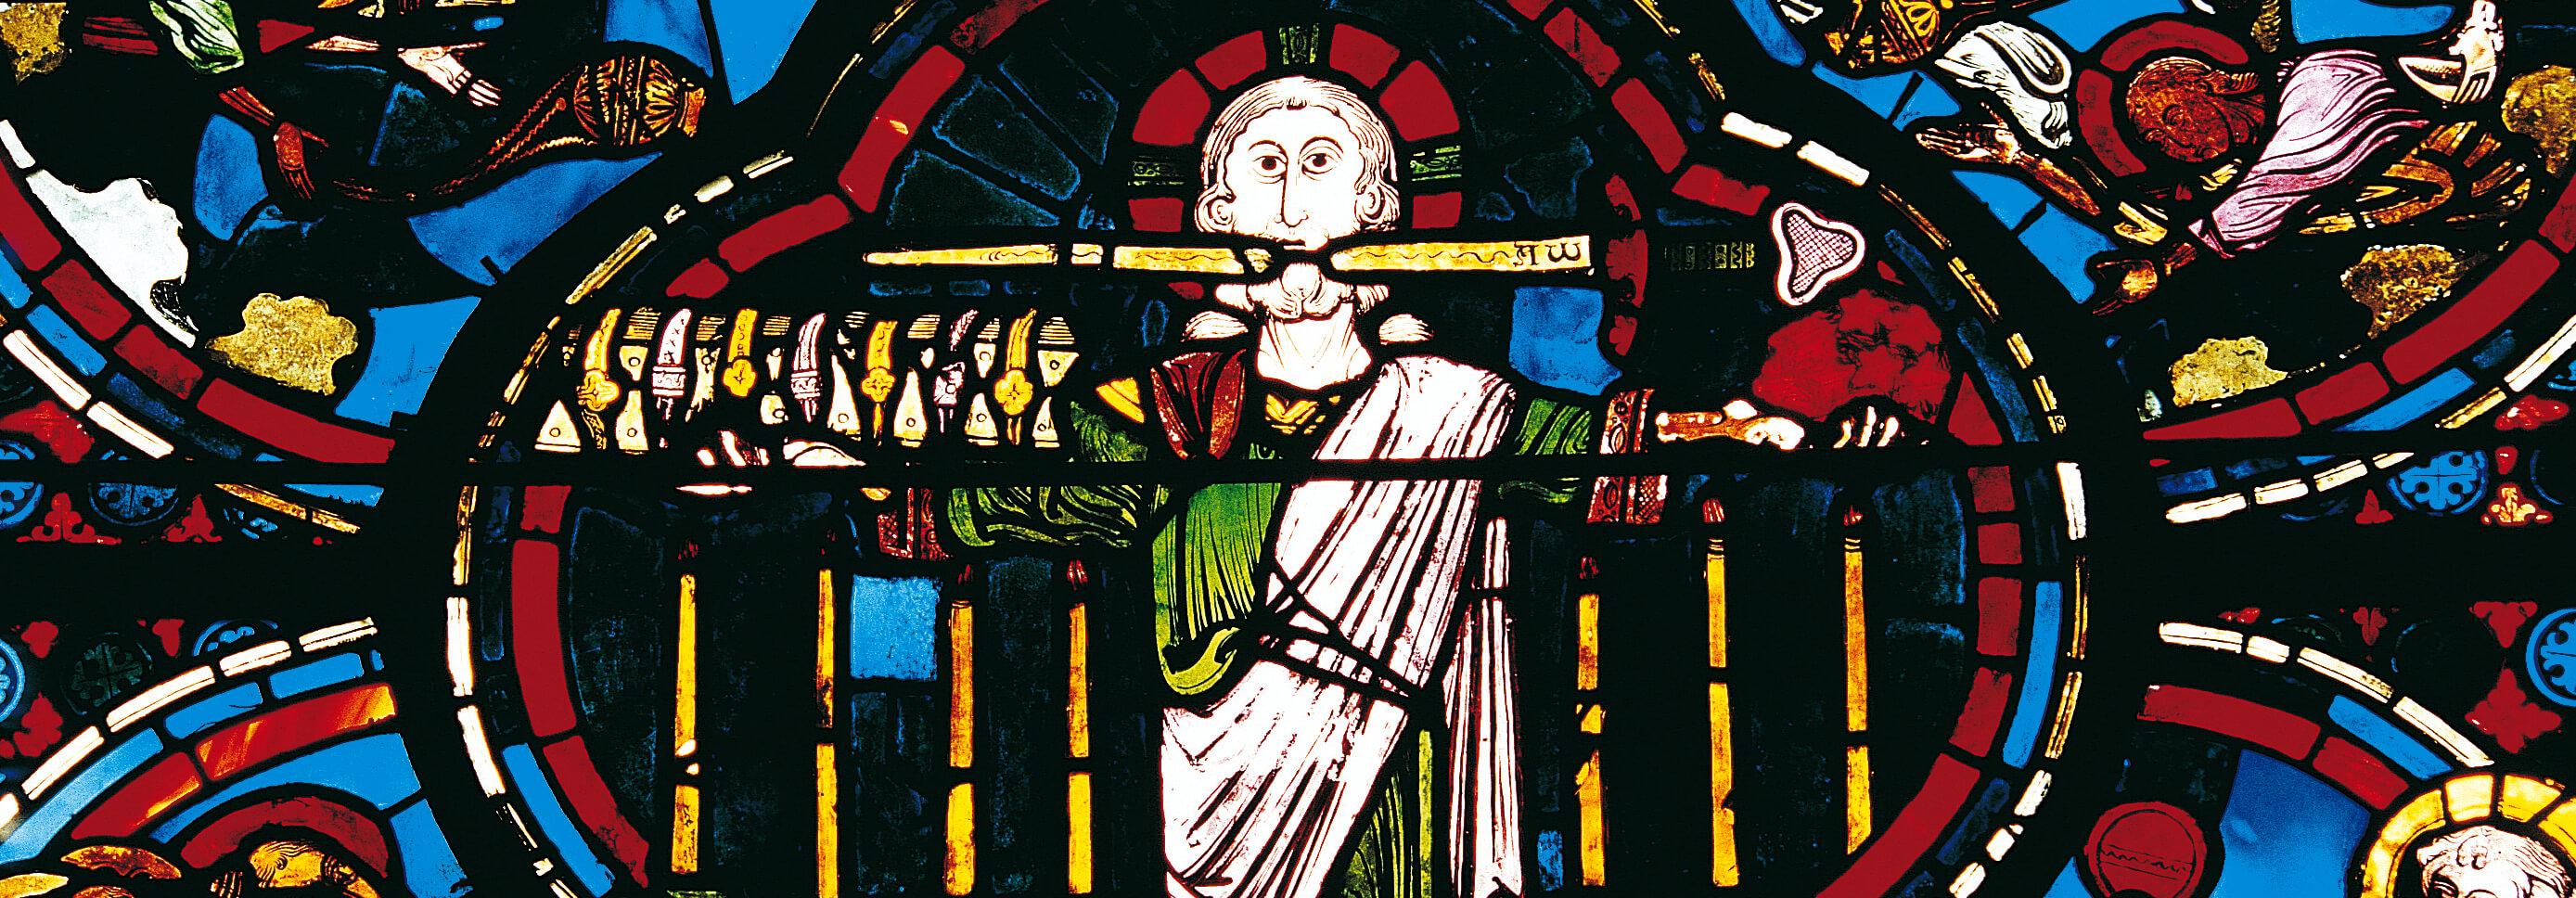 Le Christ de la Transfiguration, Cathédrale Saint-Etienne©ACIR / JJ Gelbart